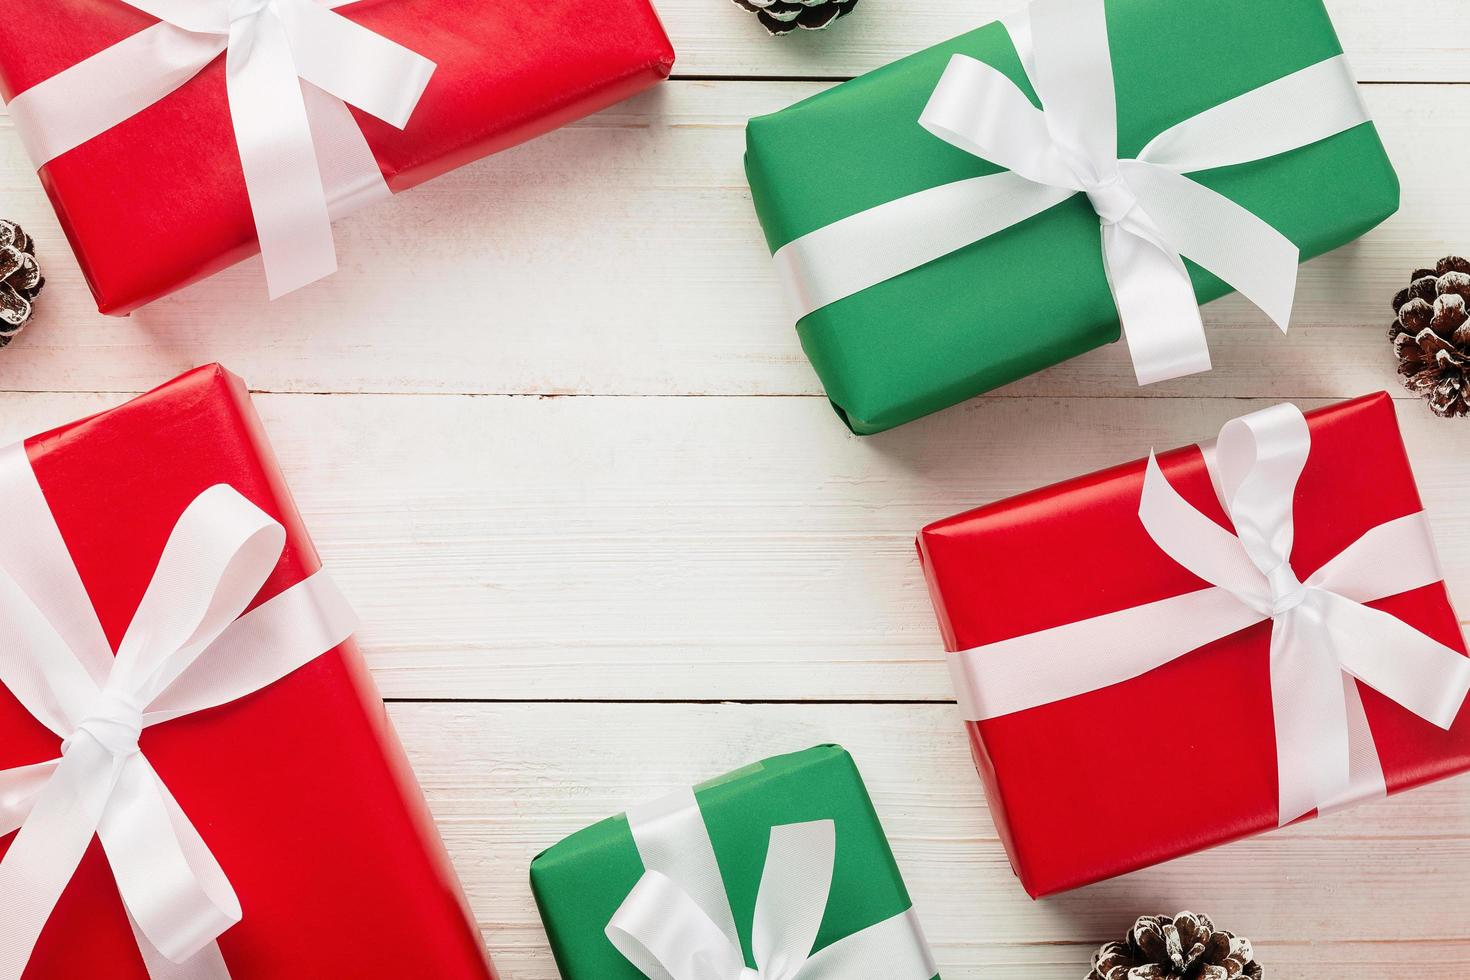 jul och nyår med presentaskar och snö kotte dekoration på vit träbord bakgrund ovanifrån med kopia utrymme foto